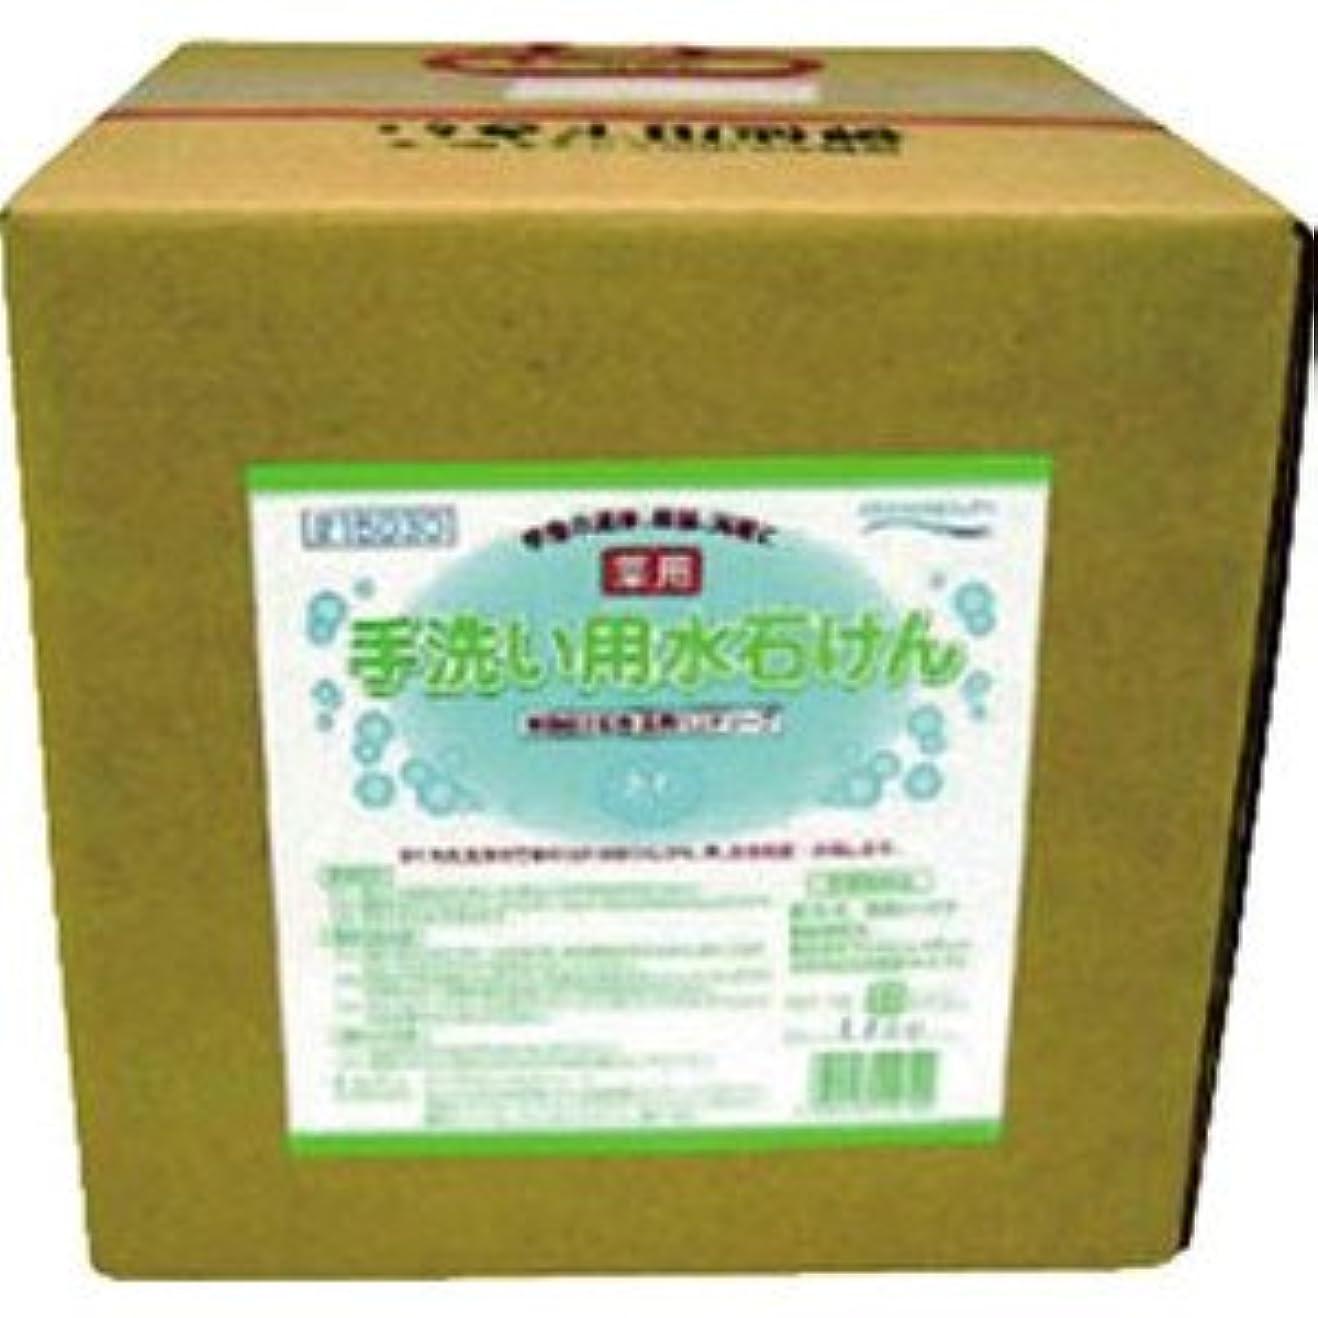 震えコック家畜医薬部外品 泡タイプの薬用ハンドソープ 手洗い用水石けん18L 15030